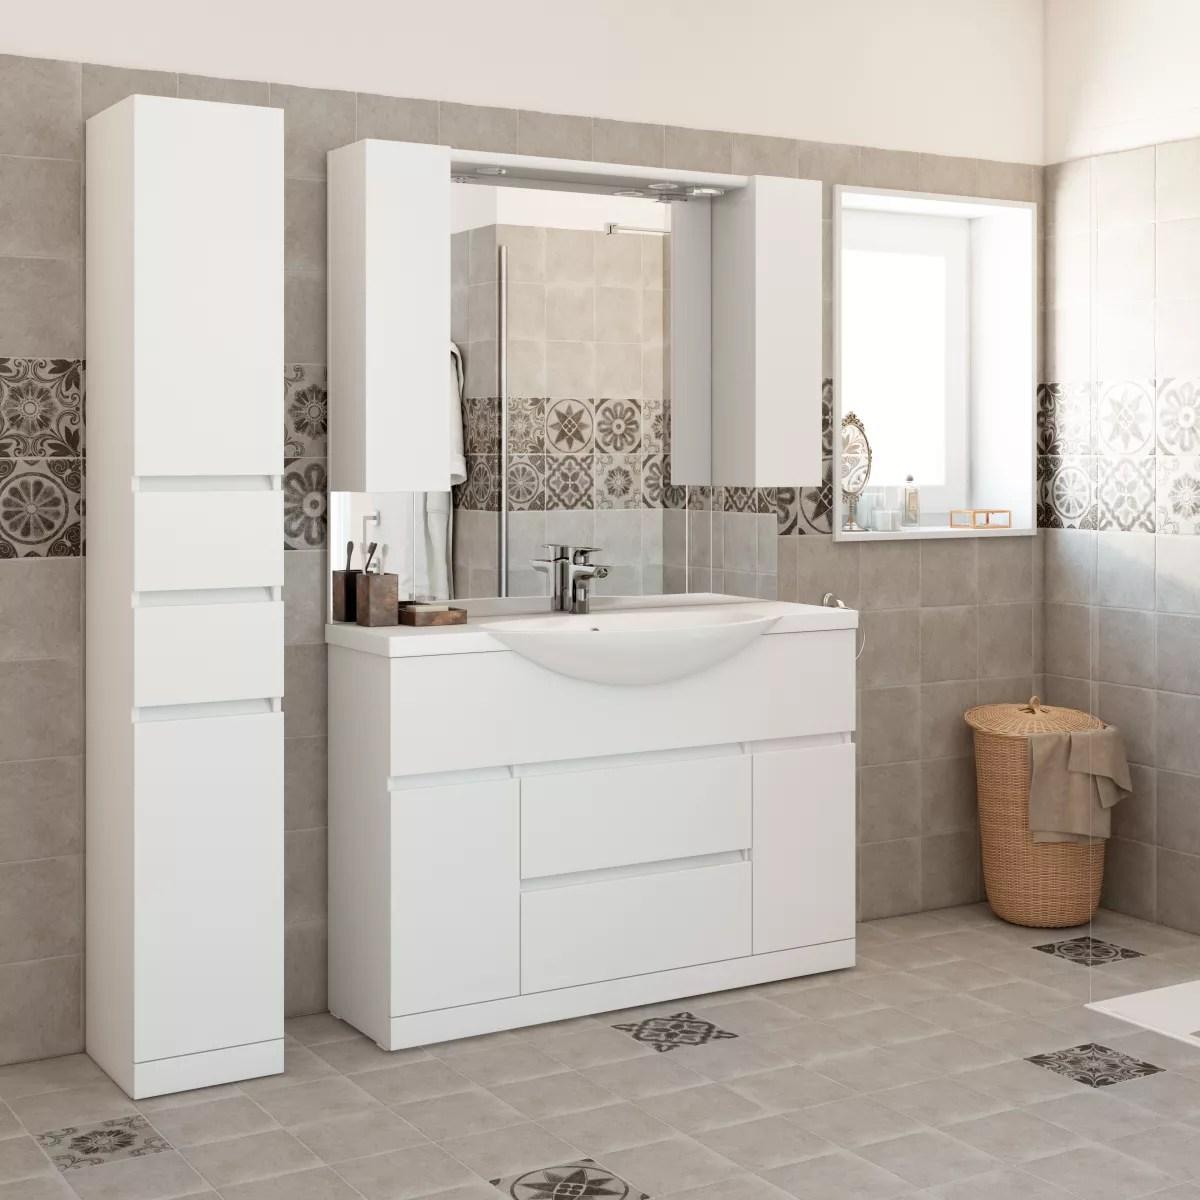 Mobili a colonna per bagno economici mobili bagno moderni